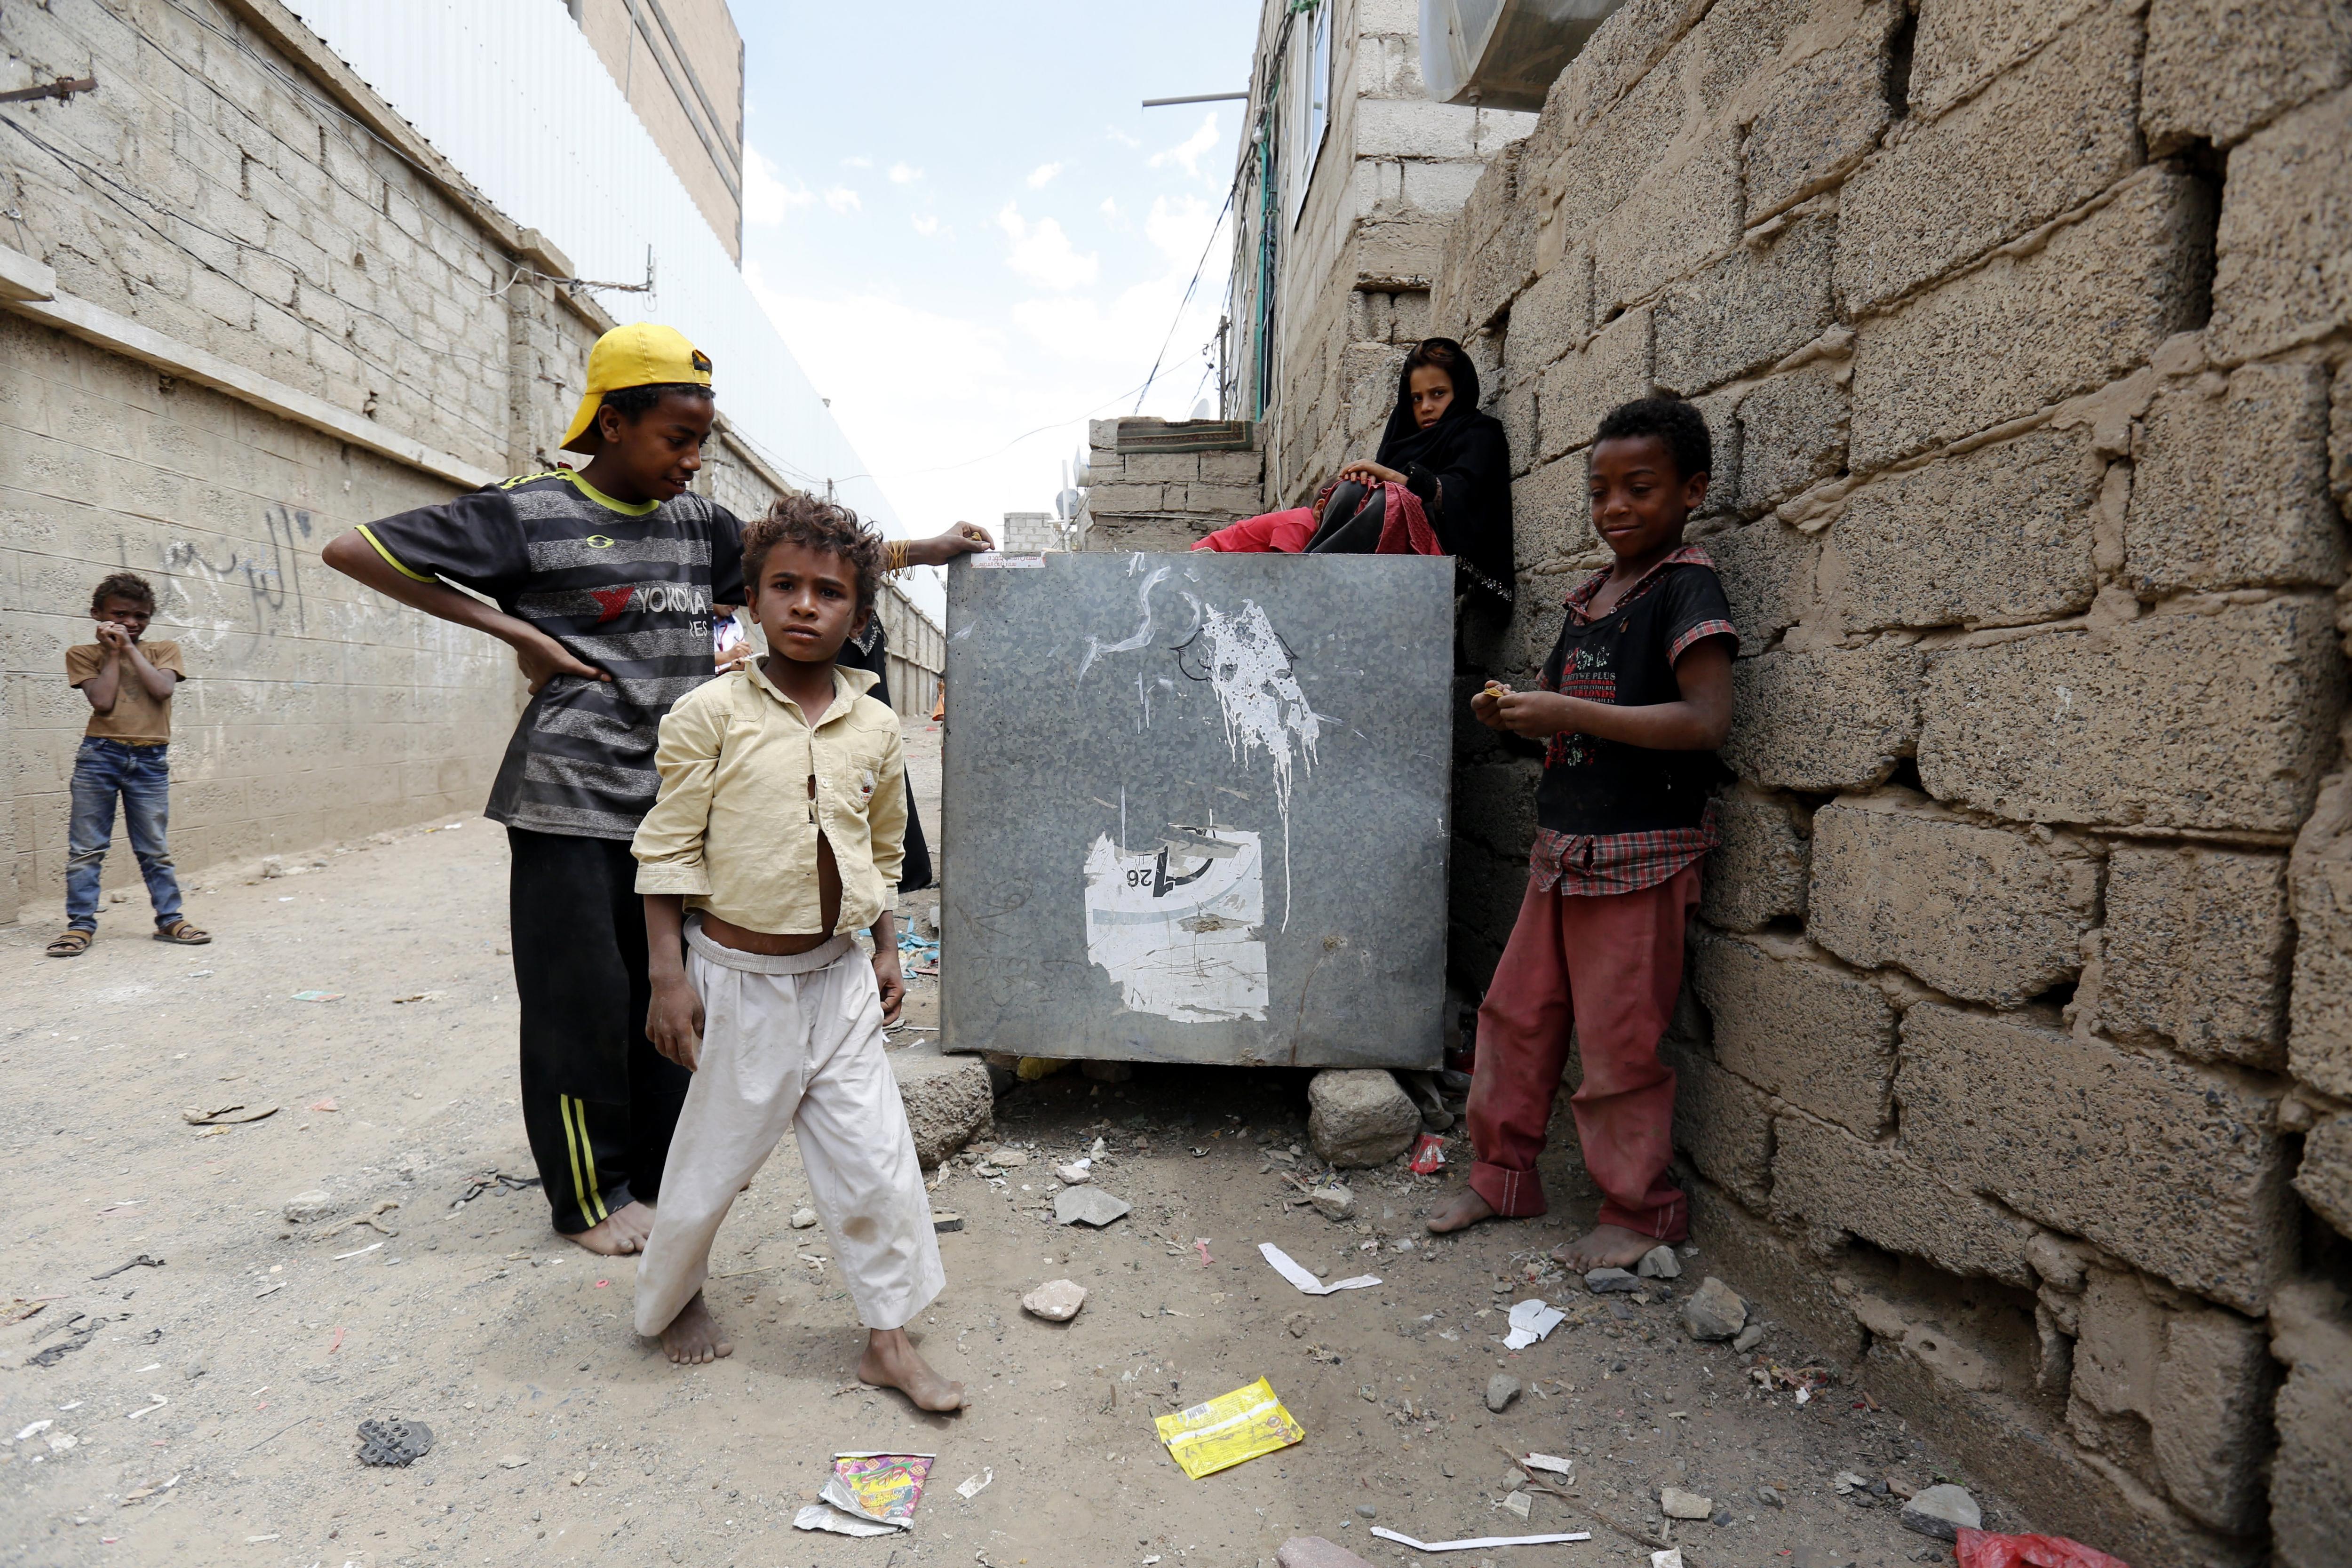 Nens iemenites juguen en un barri pobre de Iemen. /YAHYA ARHAB